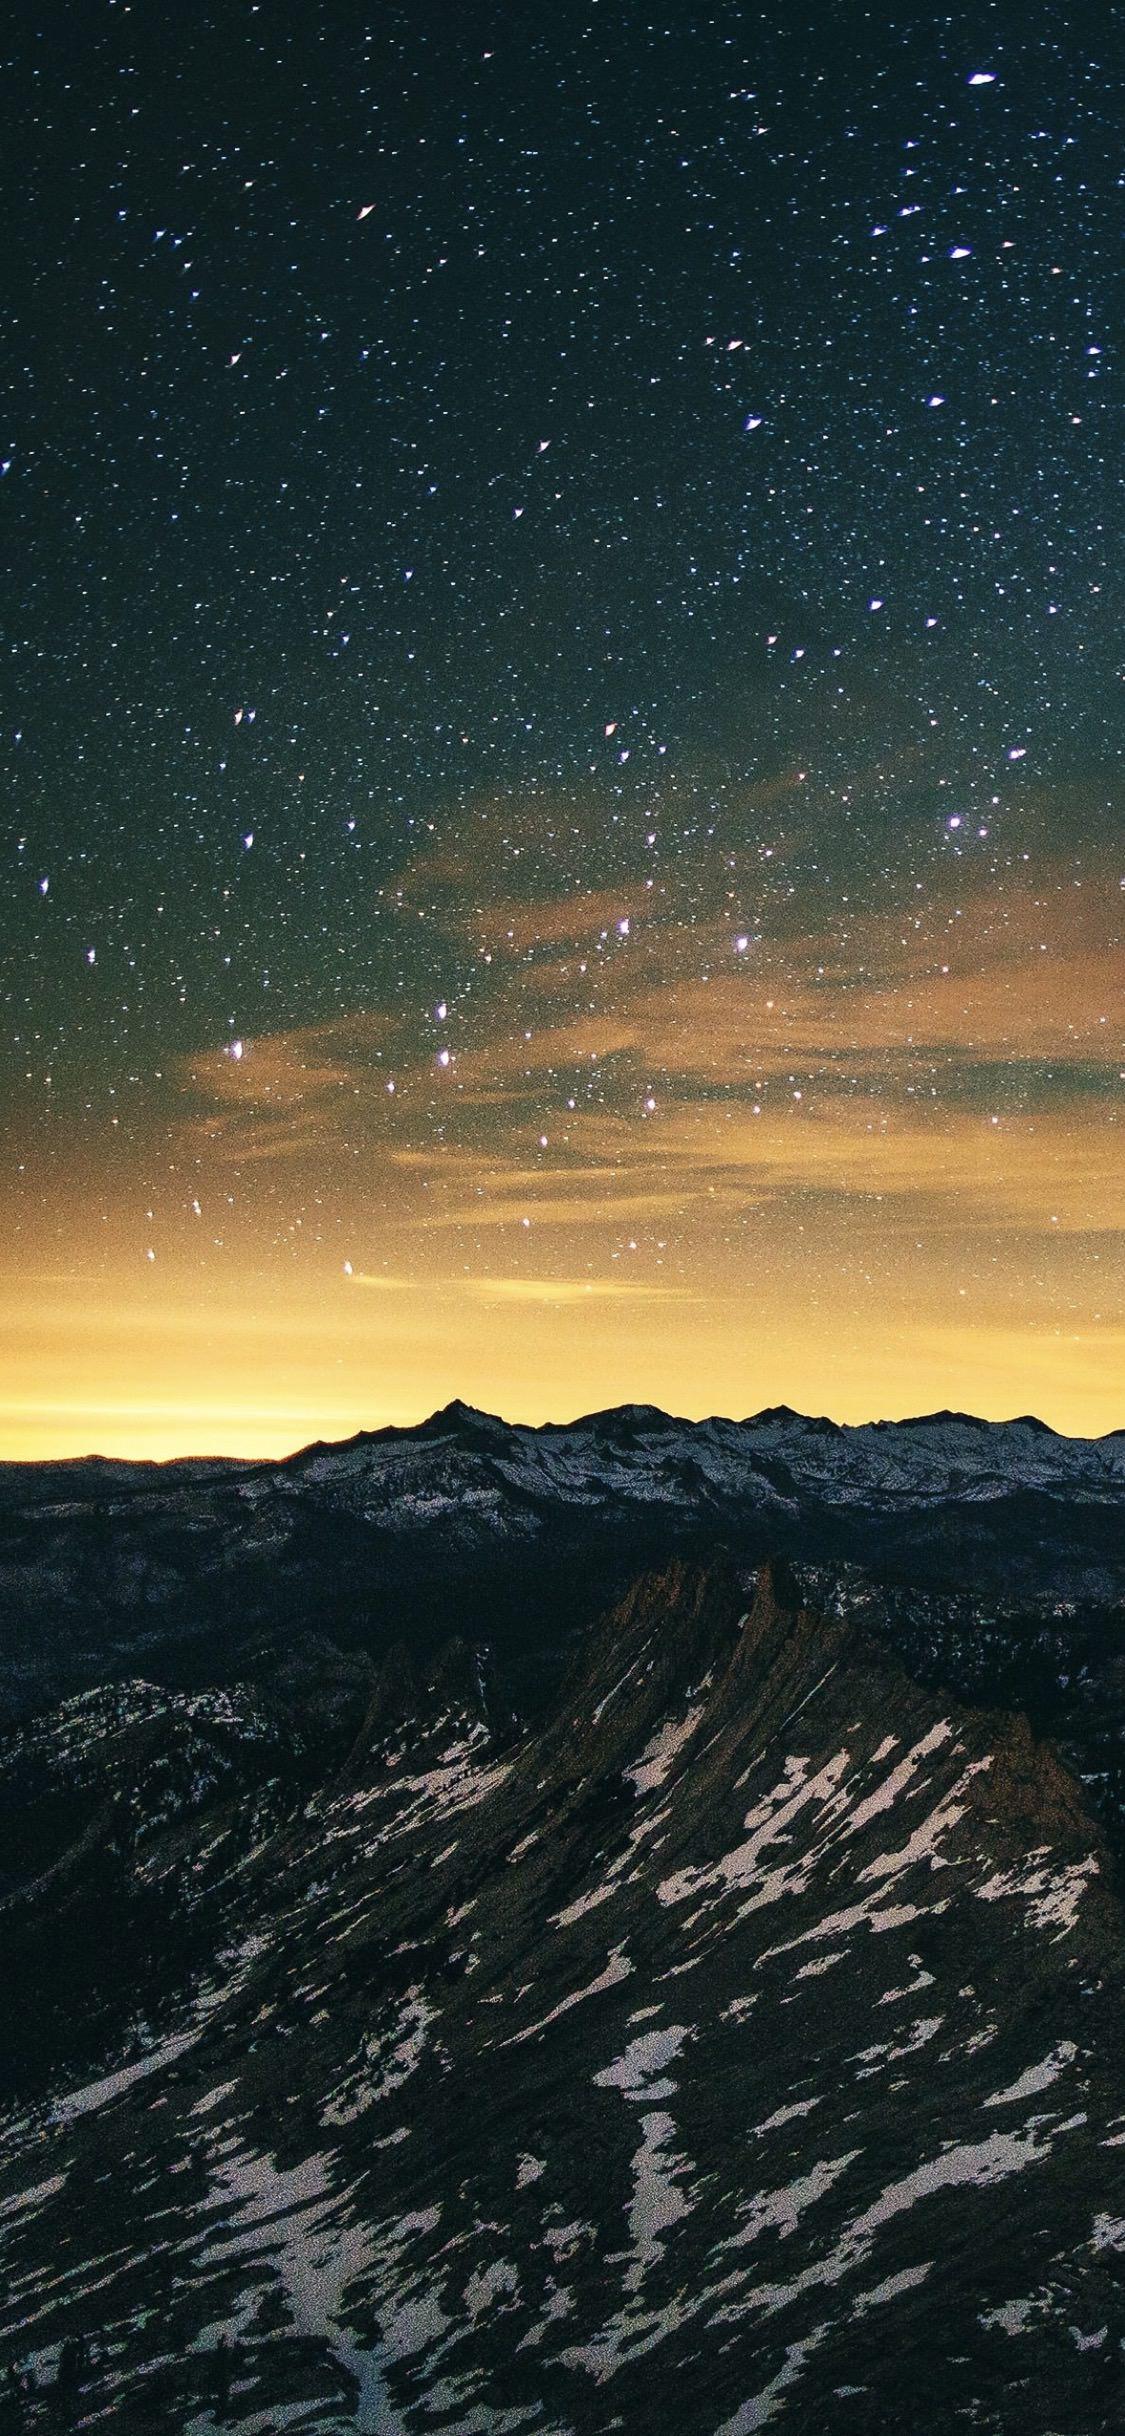 newest a0932 d6e5b Mountain landscape night sky | wallpaper.sc iPhoneXS